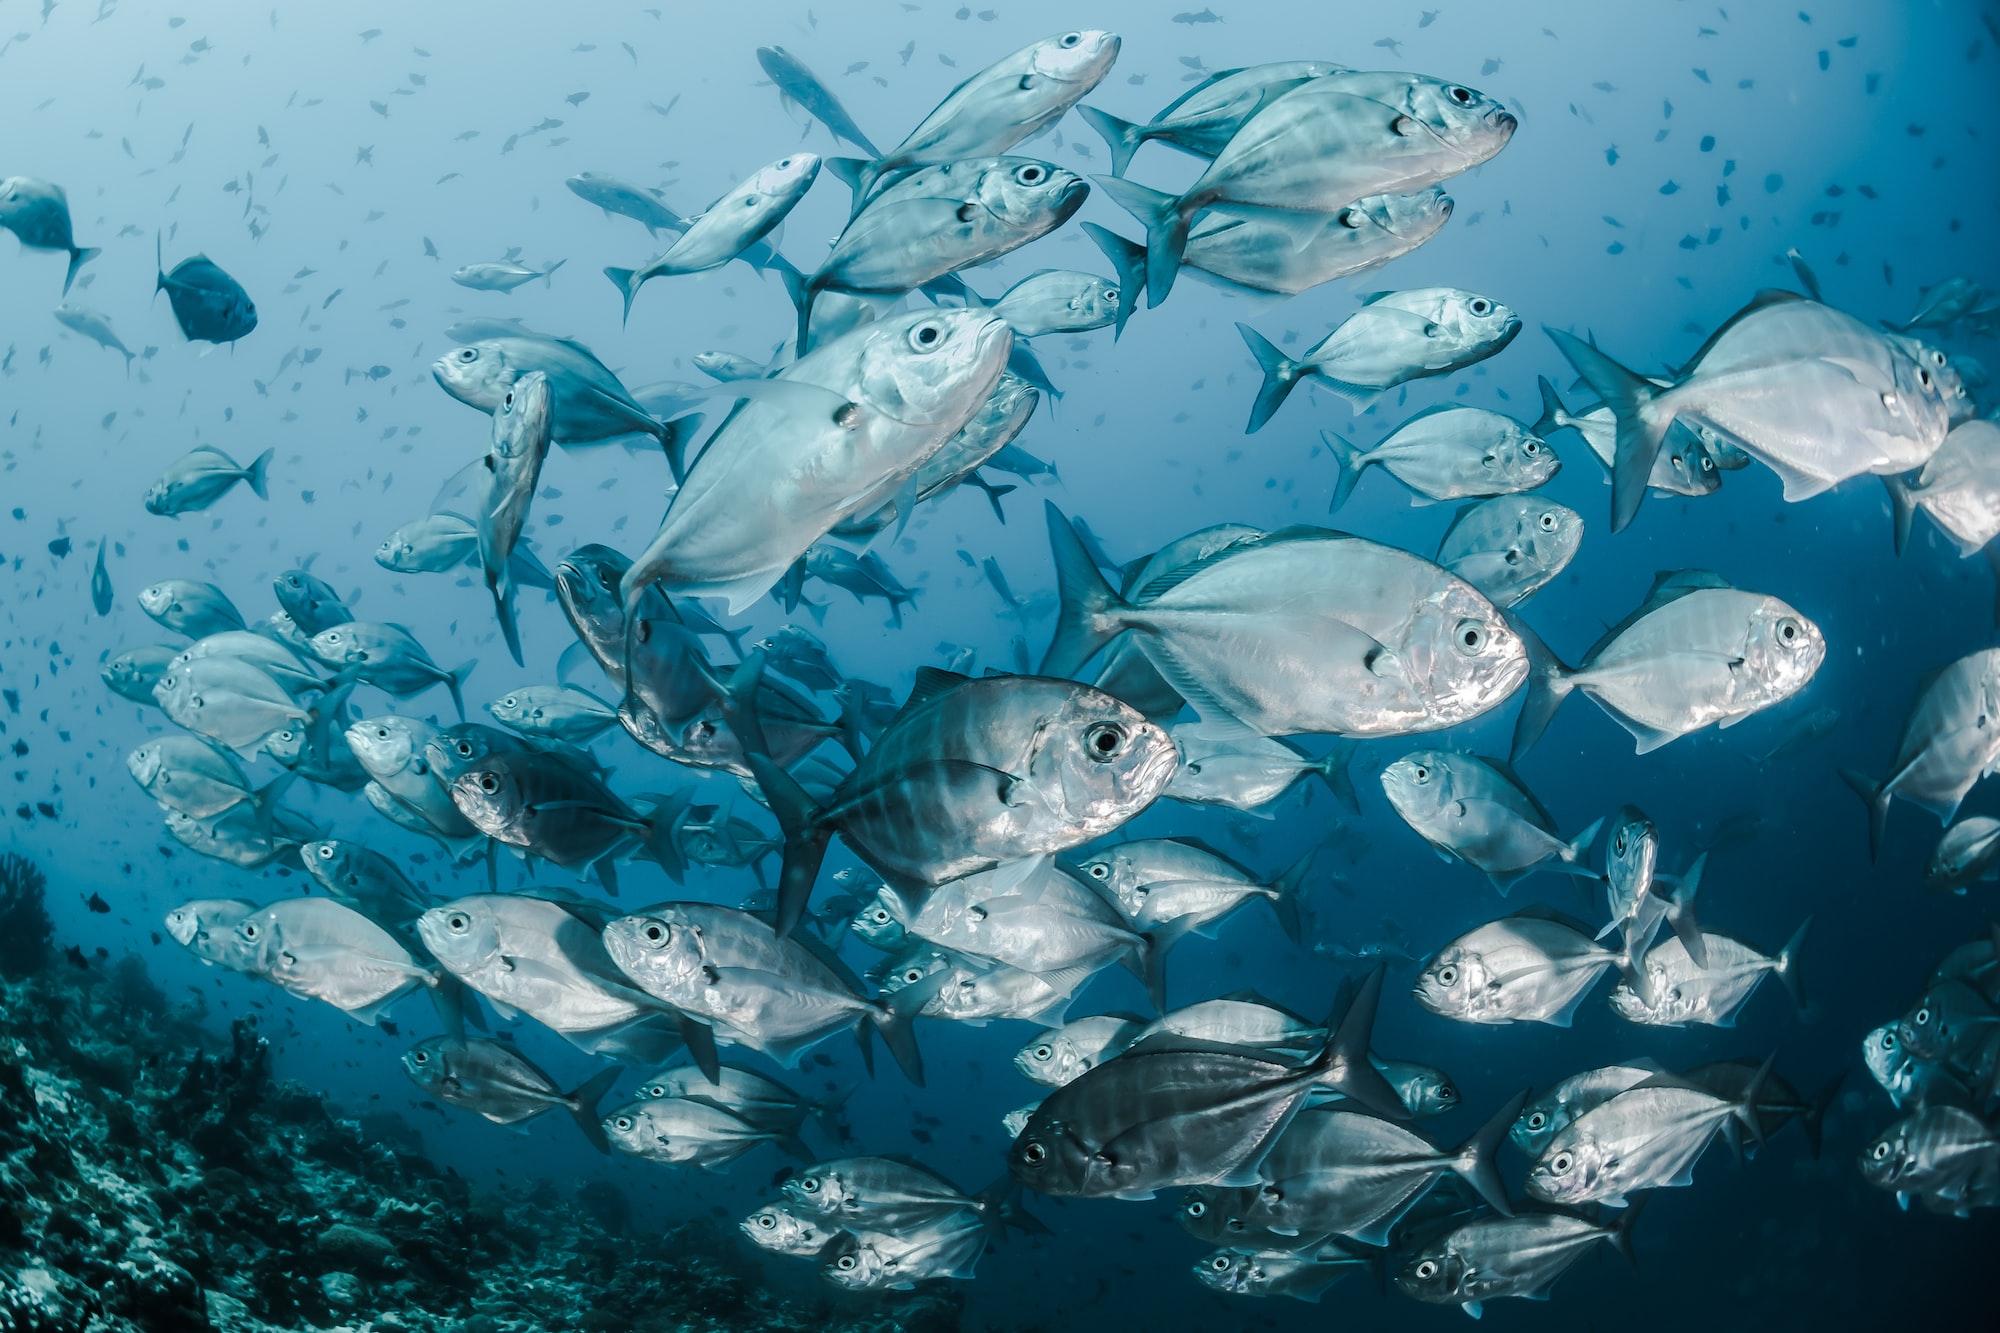 Tütünleme Suretiyle Kurutulmuş Ringa Balığı Bulmaca Anlamı Nedir?